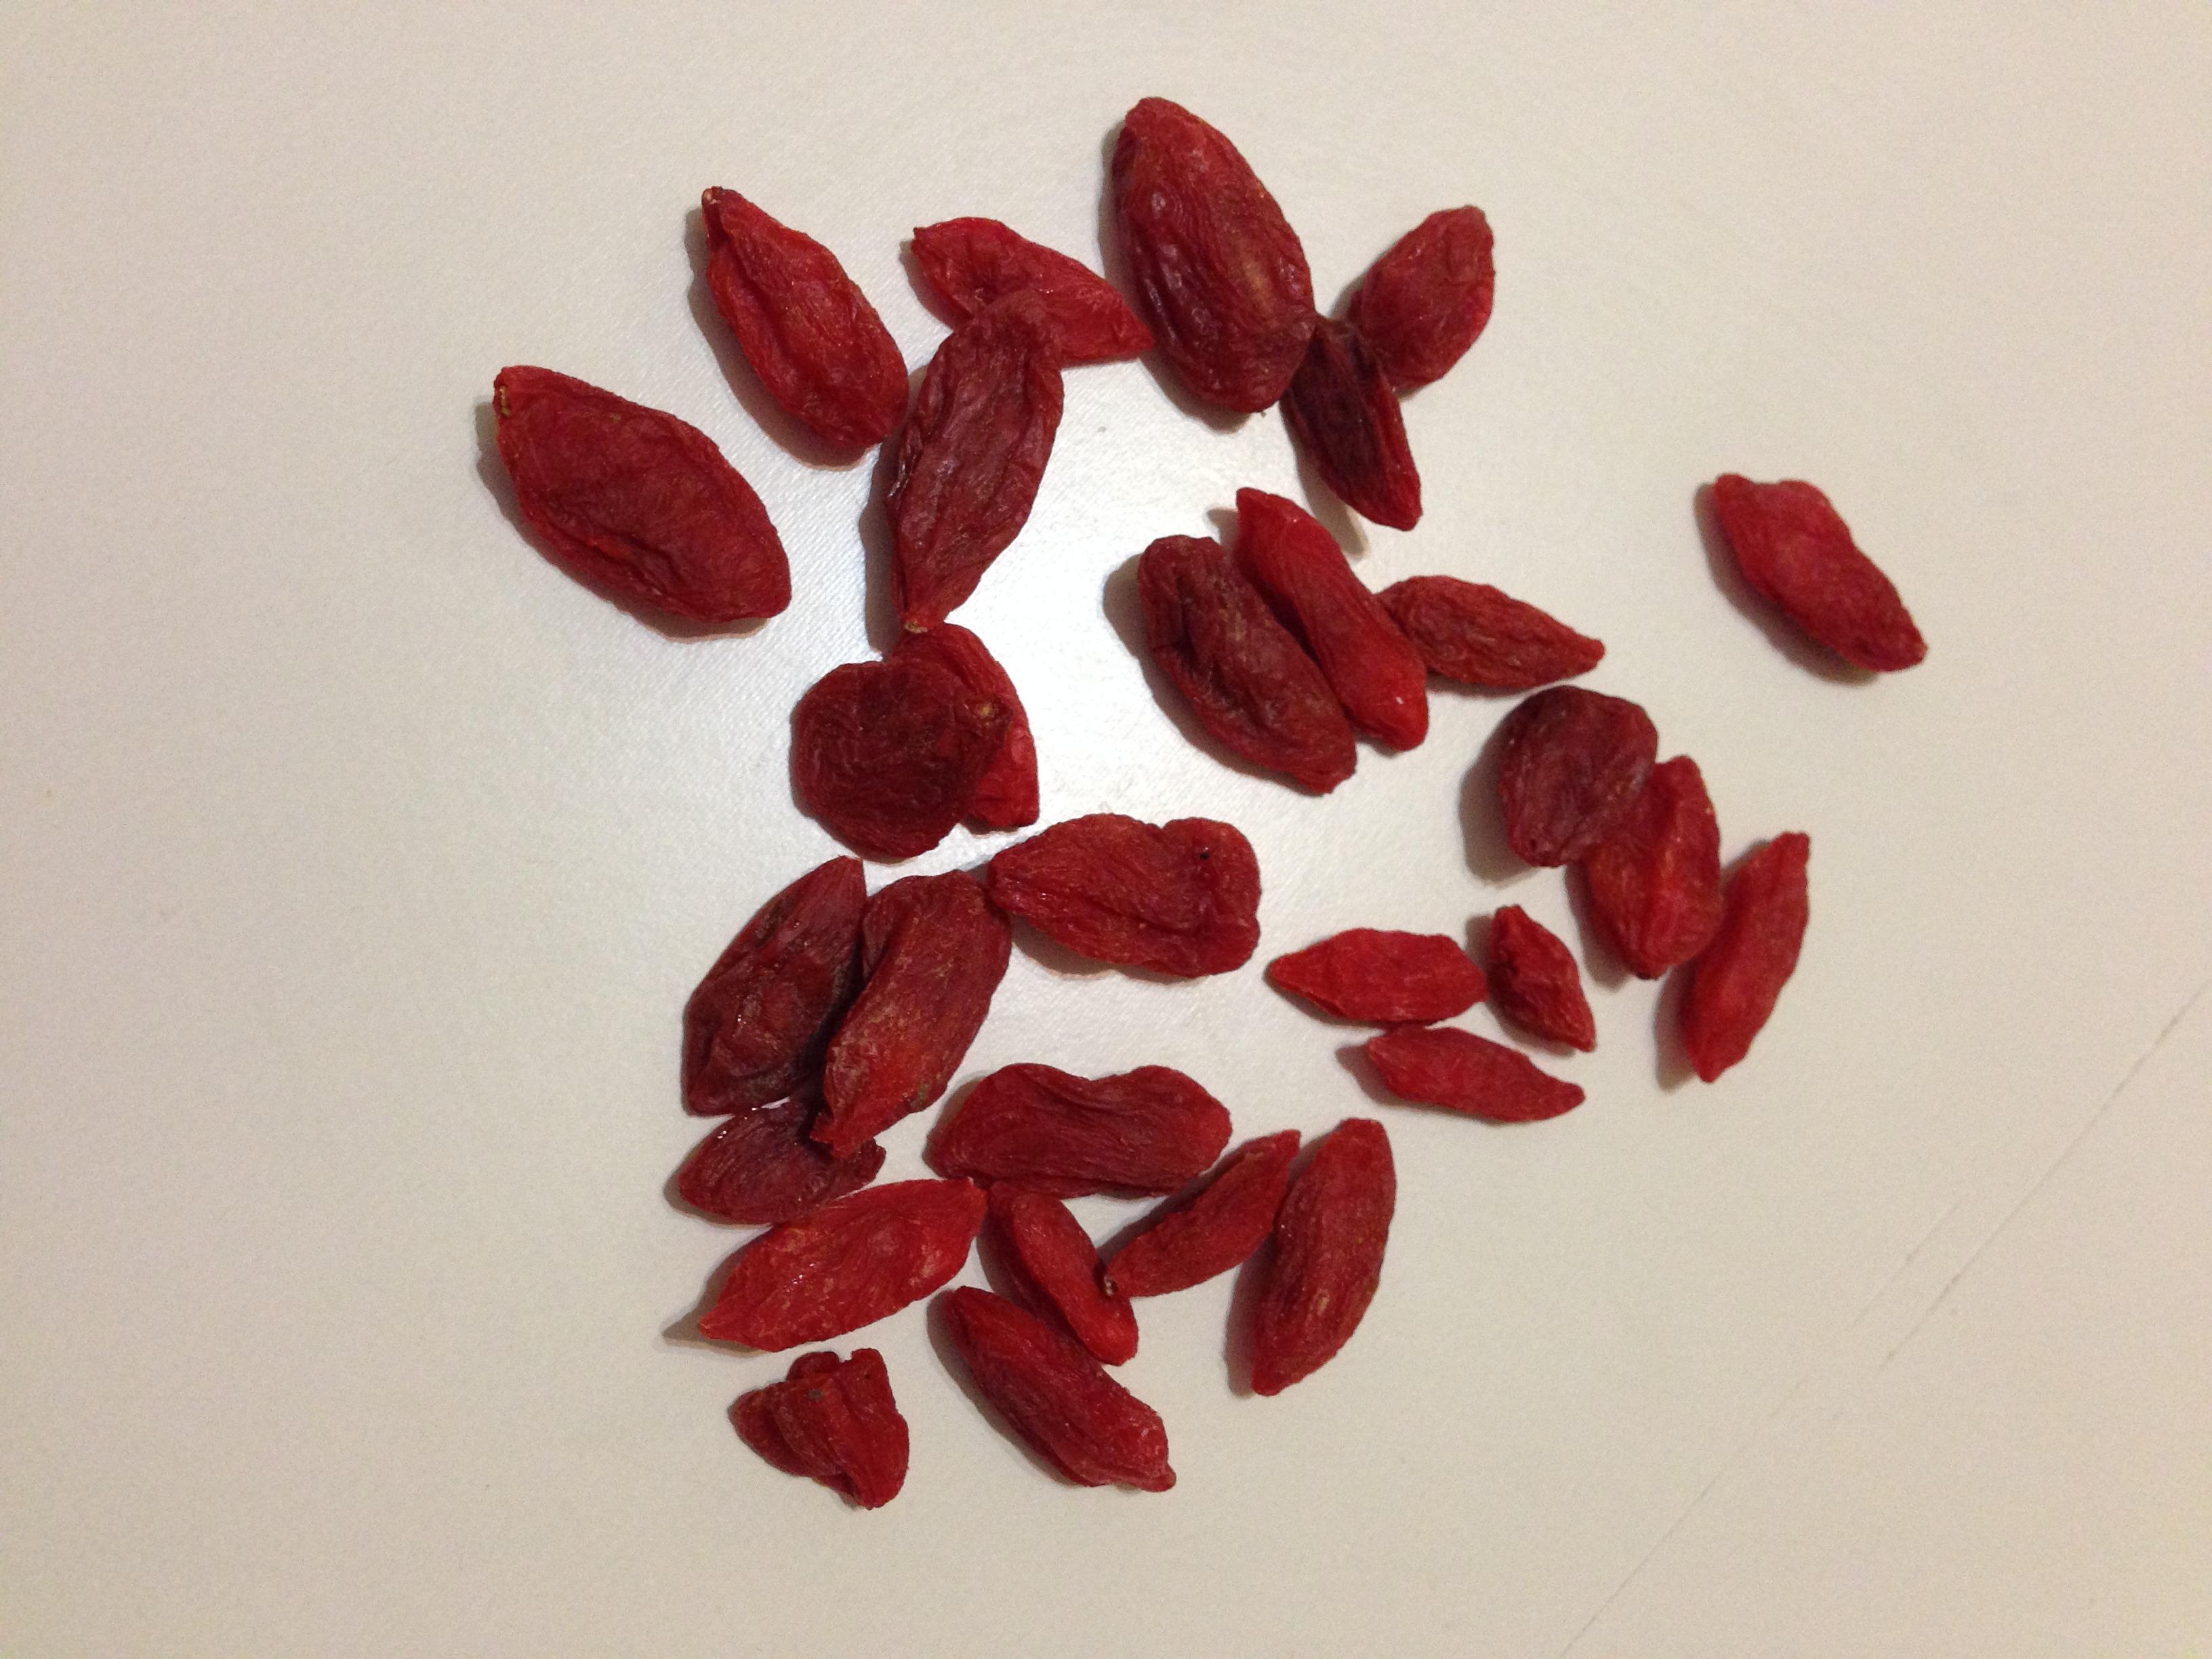 Free Images Plant Fruit Leaf Flower Petal Heart Food Red